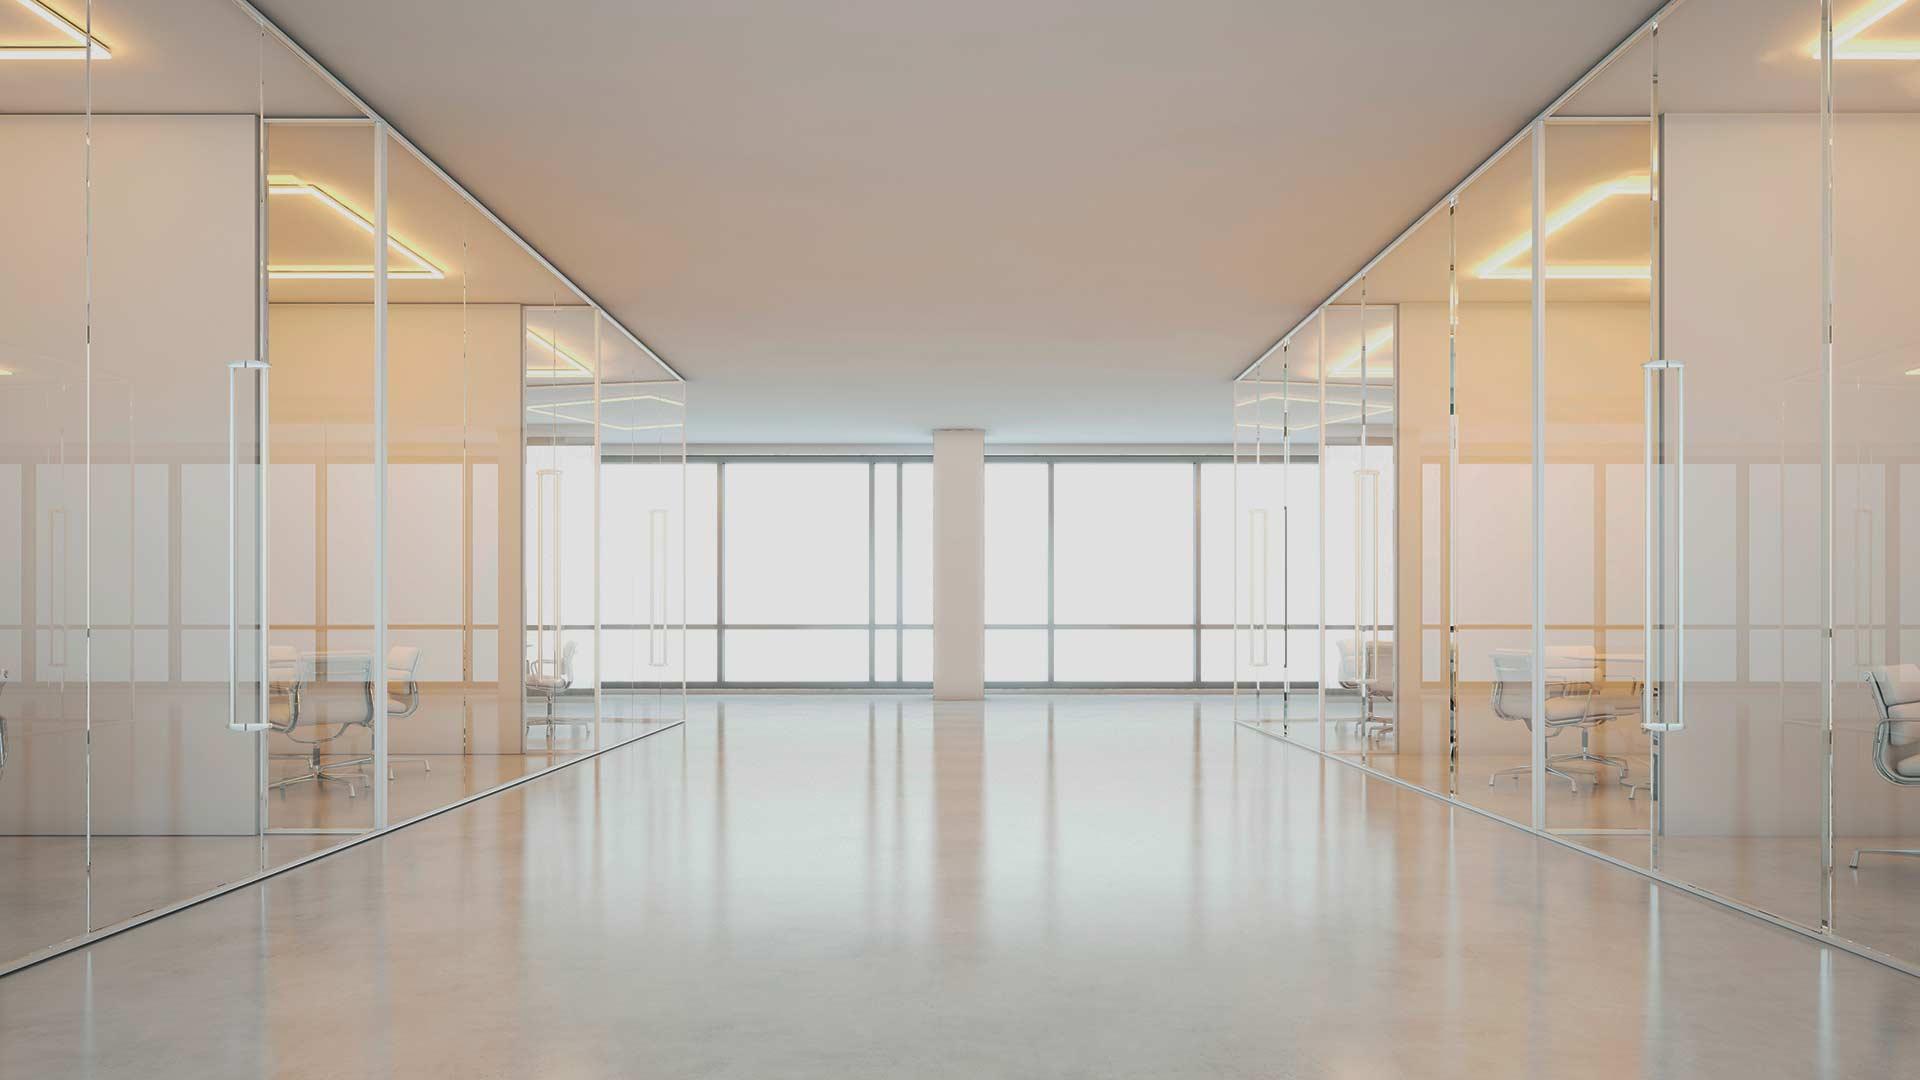 Innvendig kontorlokale med glassvegger og gulvbelegg på gulv